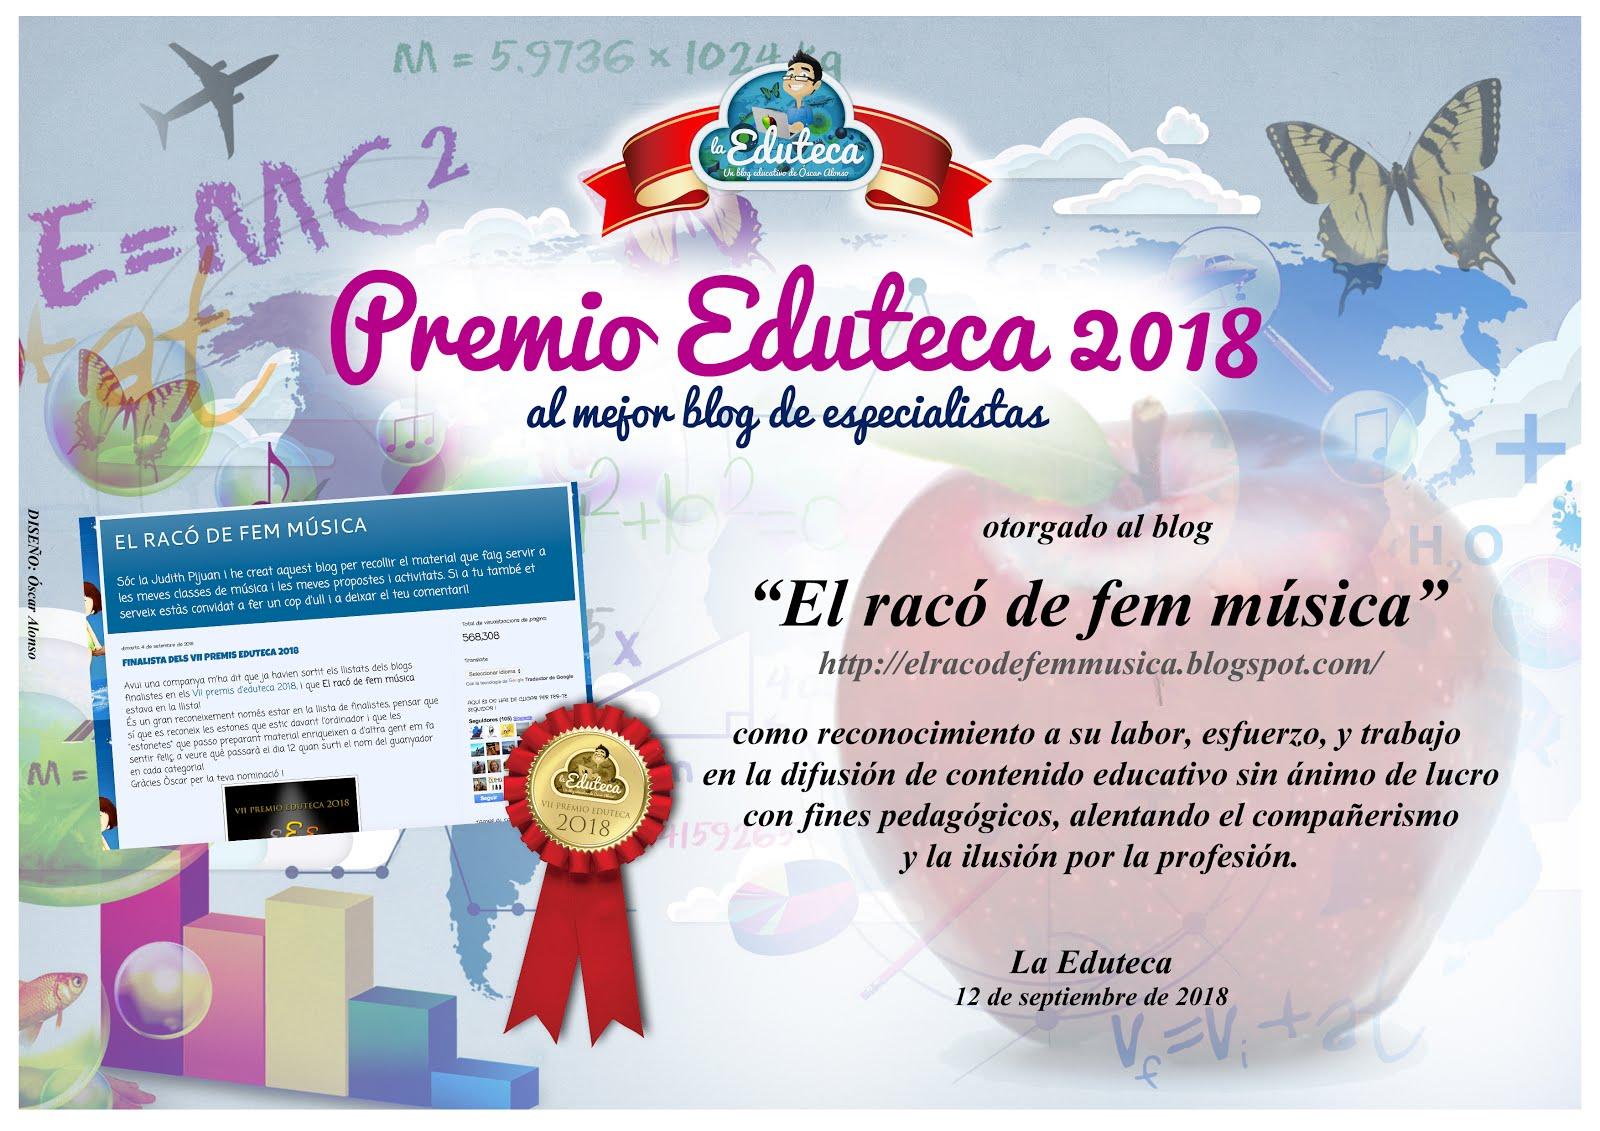 PREMI EDUTECA 2018